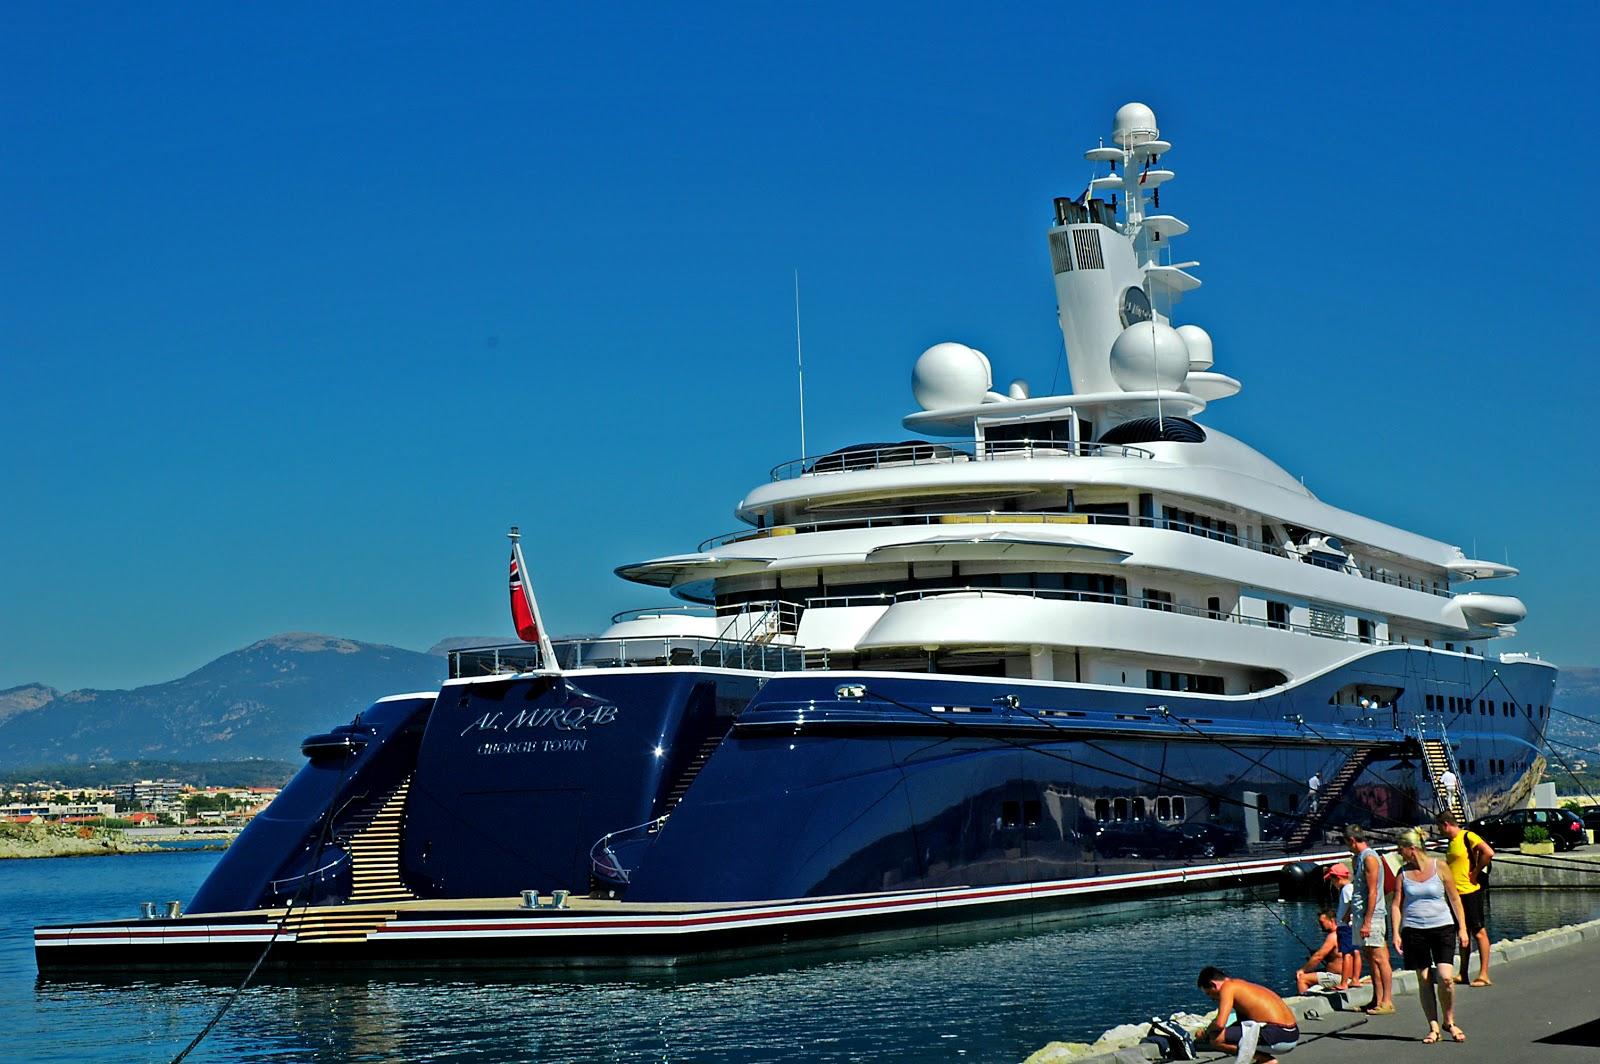 дорогие яхты мира - яхта Аль Мирхаб